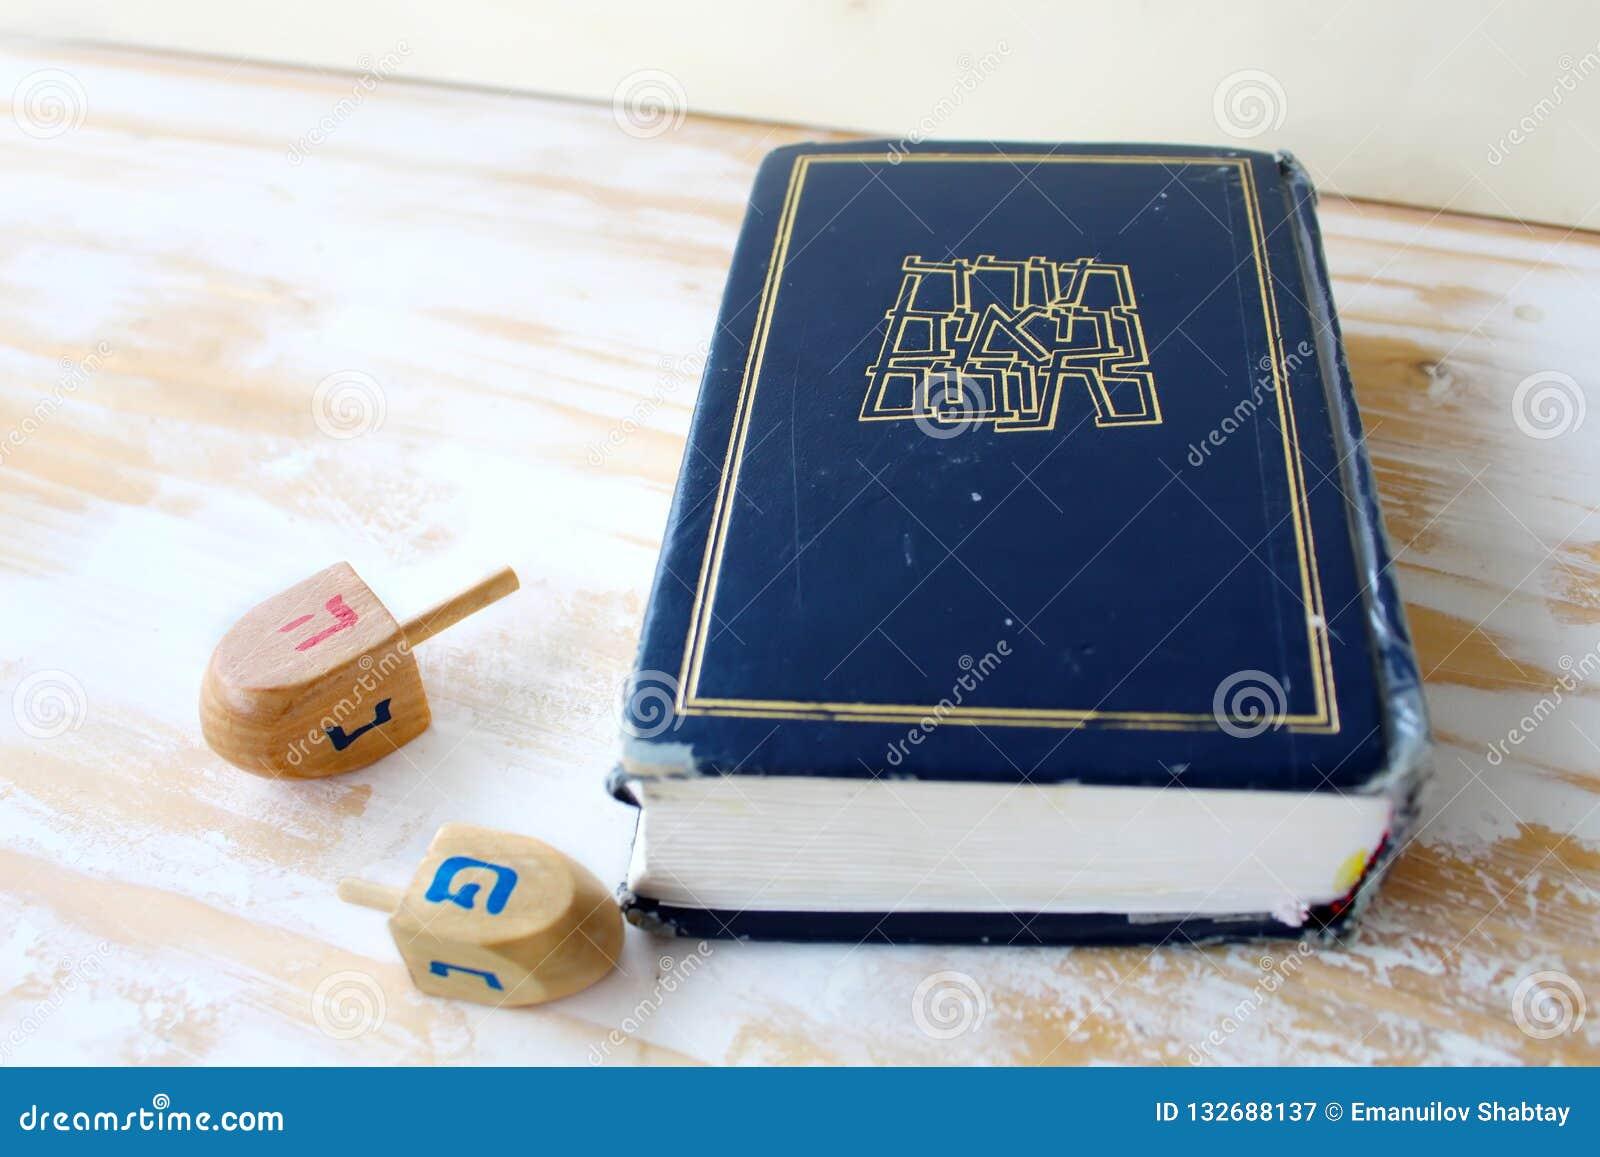 Immagine della festa ebrea Chanukah Bibbia ebraica Tanakh Torah, Neviim, Ketuvim e giocattoli di legno Chanukah, simboli dei drei